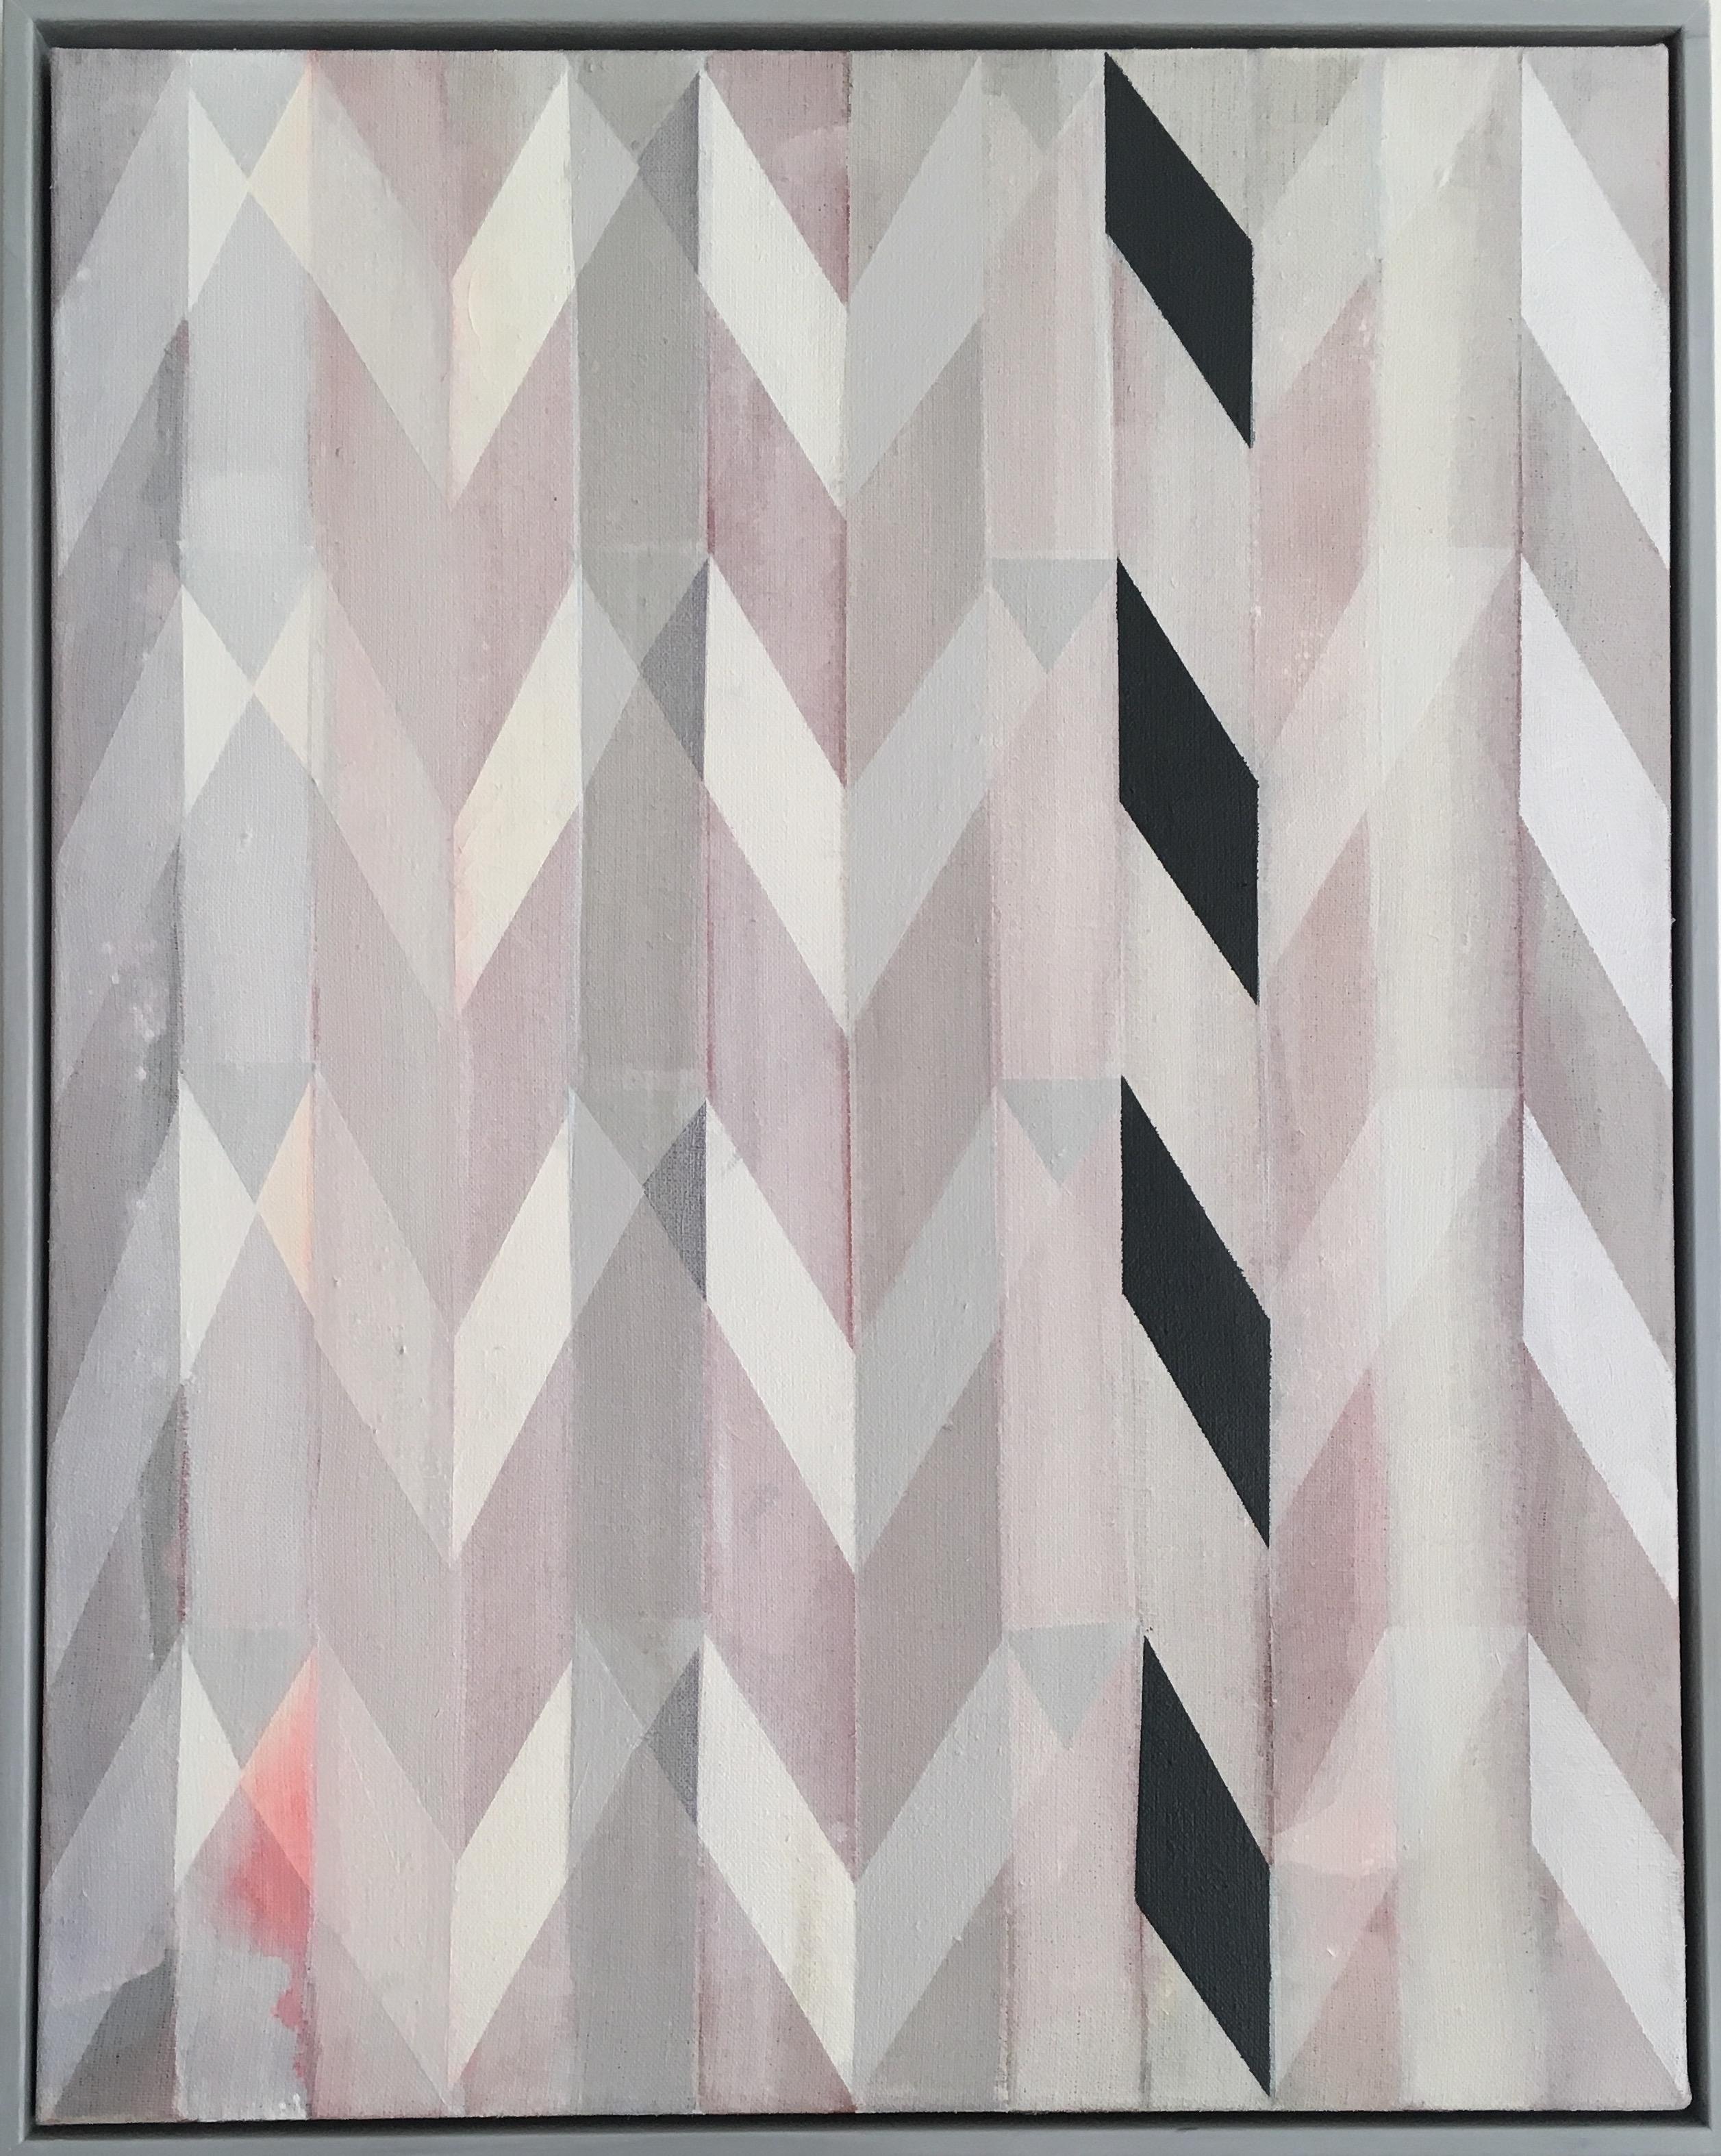 Grey 70 x 55 cm